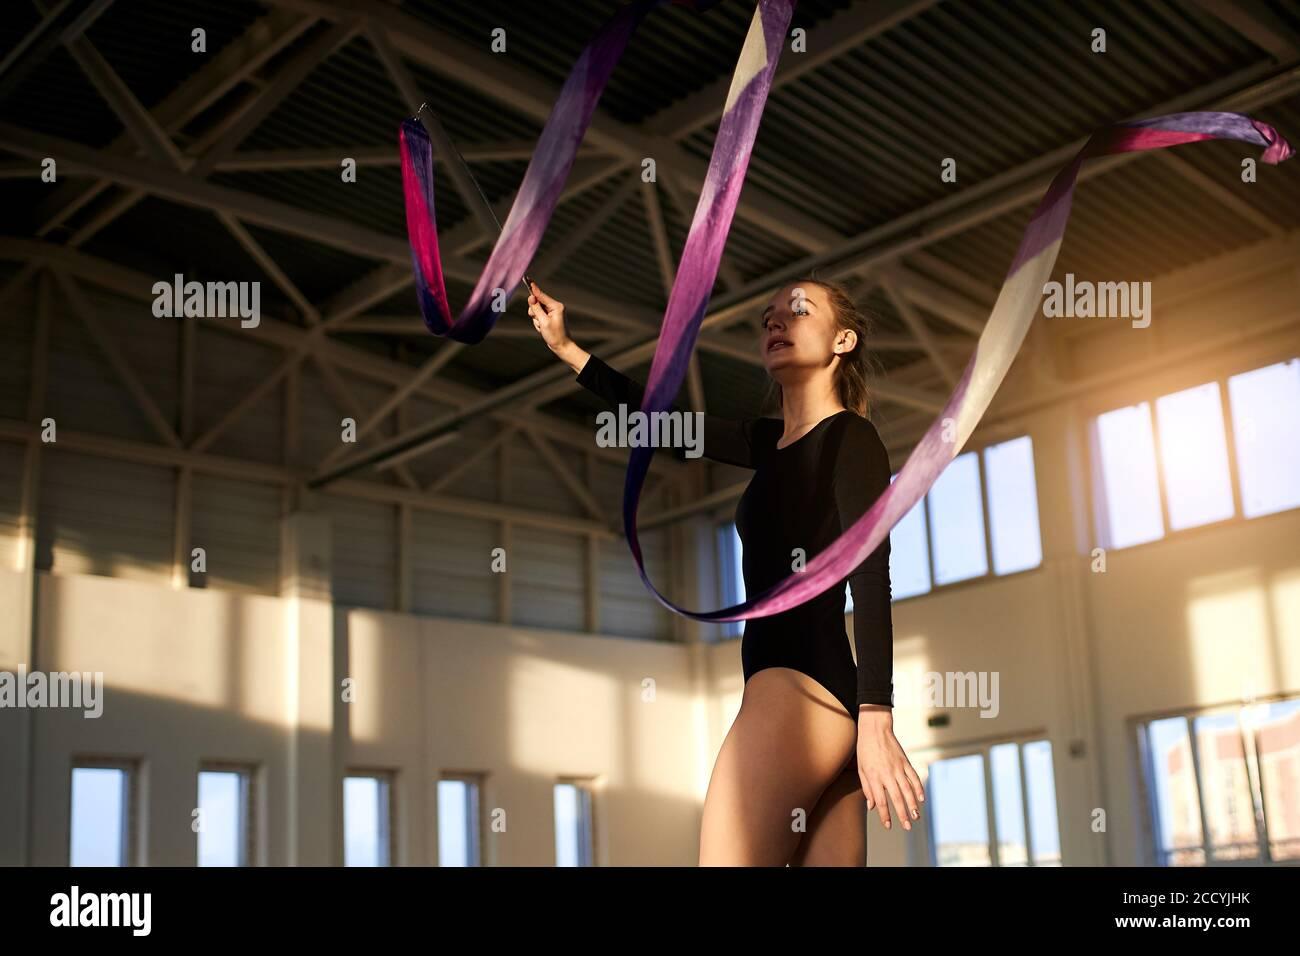 Profesional talentoso femenino de arte gimnasta agitando la mano con cinta violeta, trabajando en estudio brillante, tiro inferior, concepto de estilo de vida saludable Foto de stock